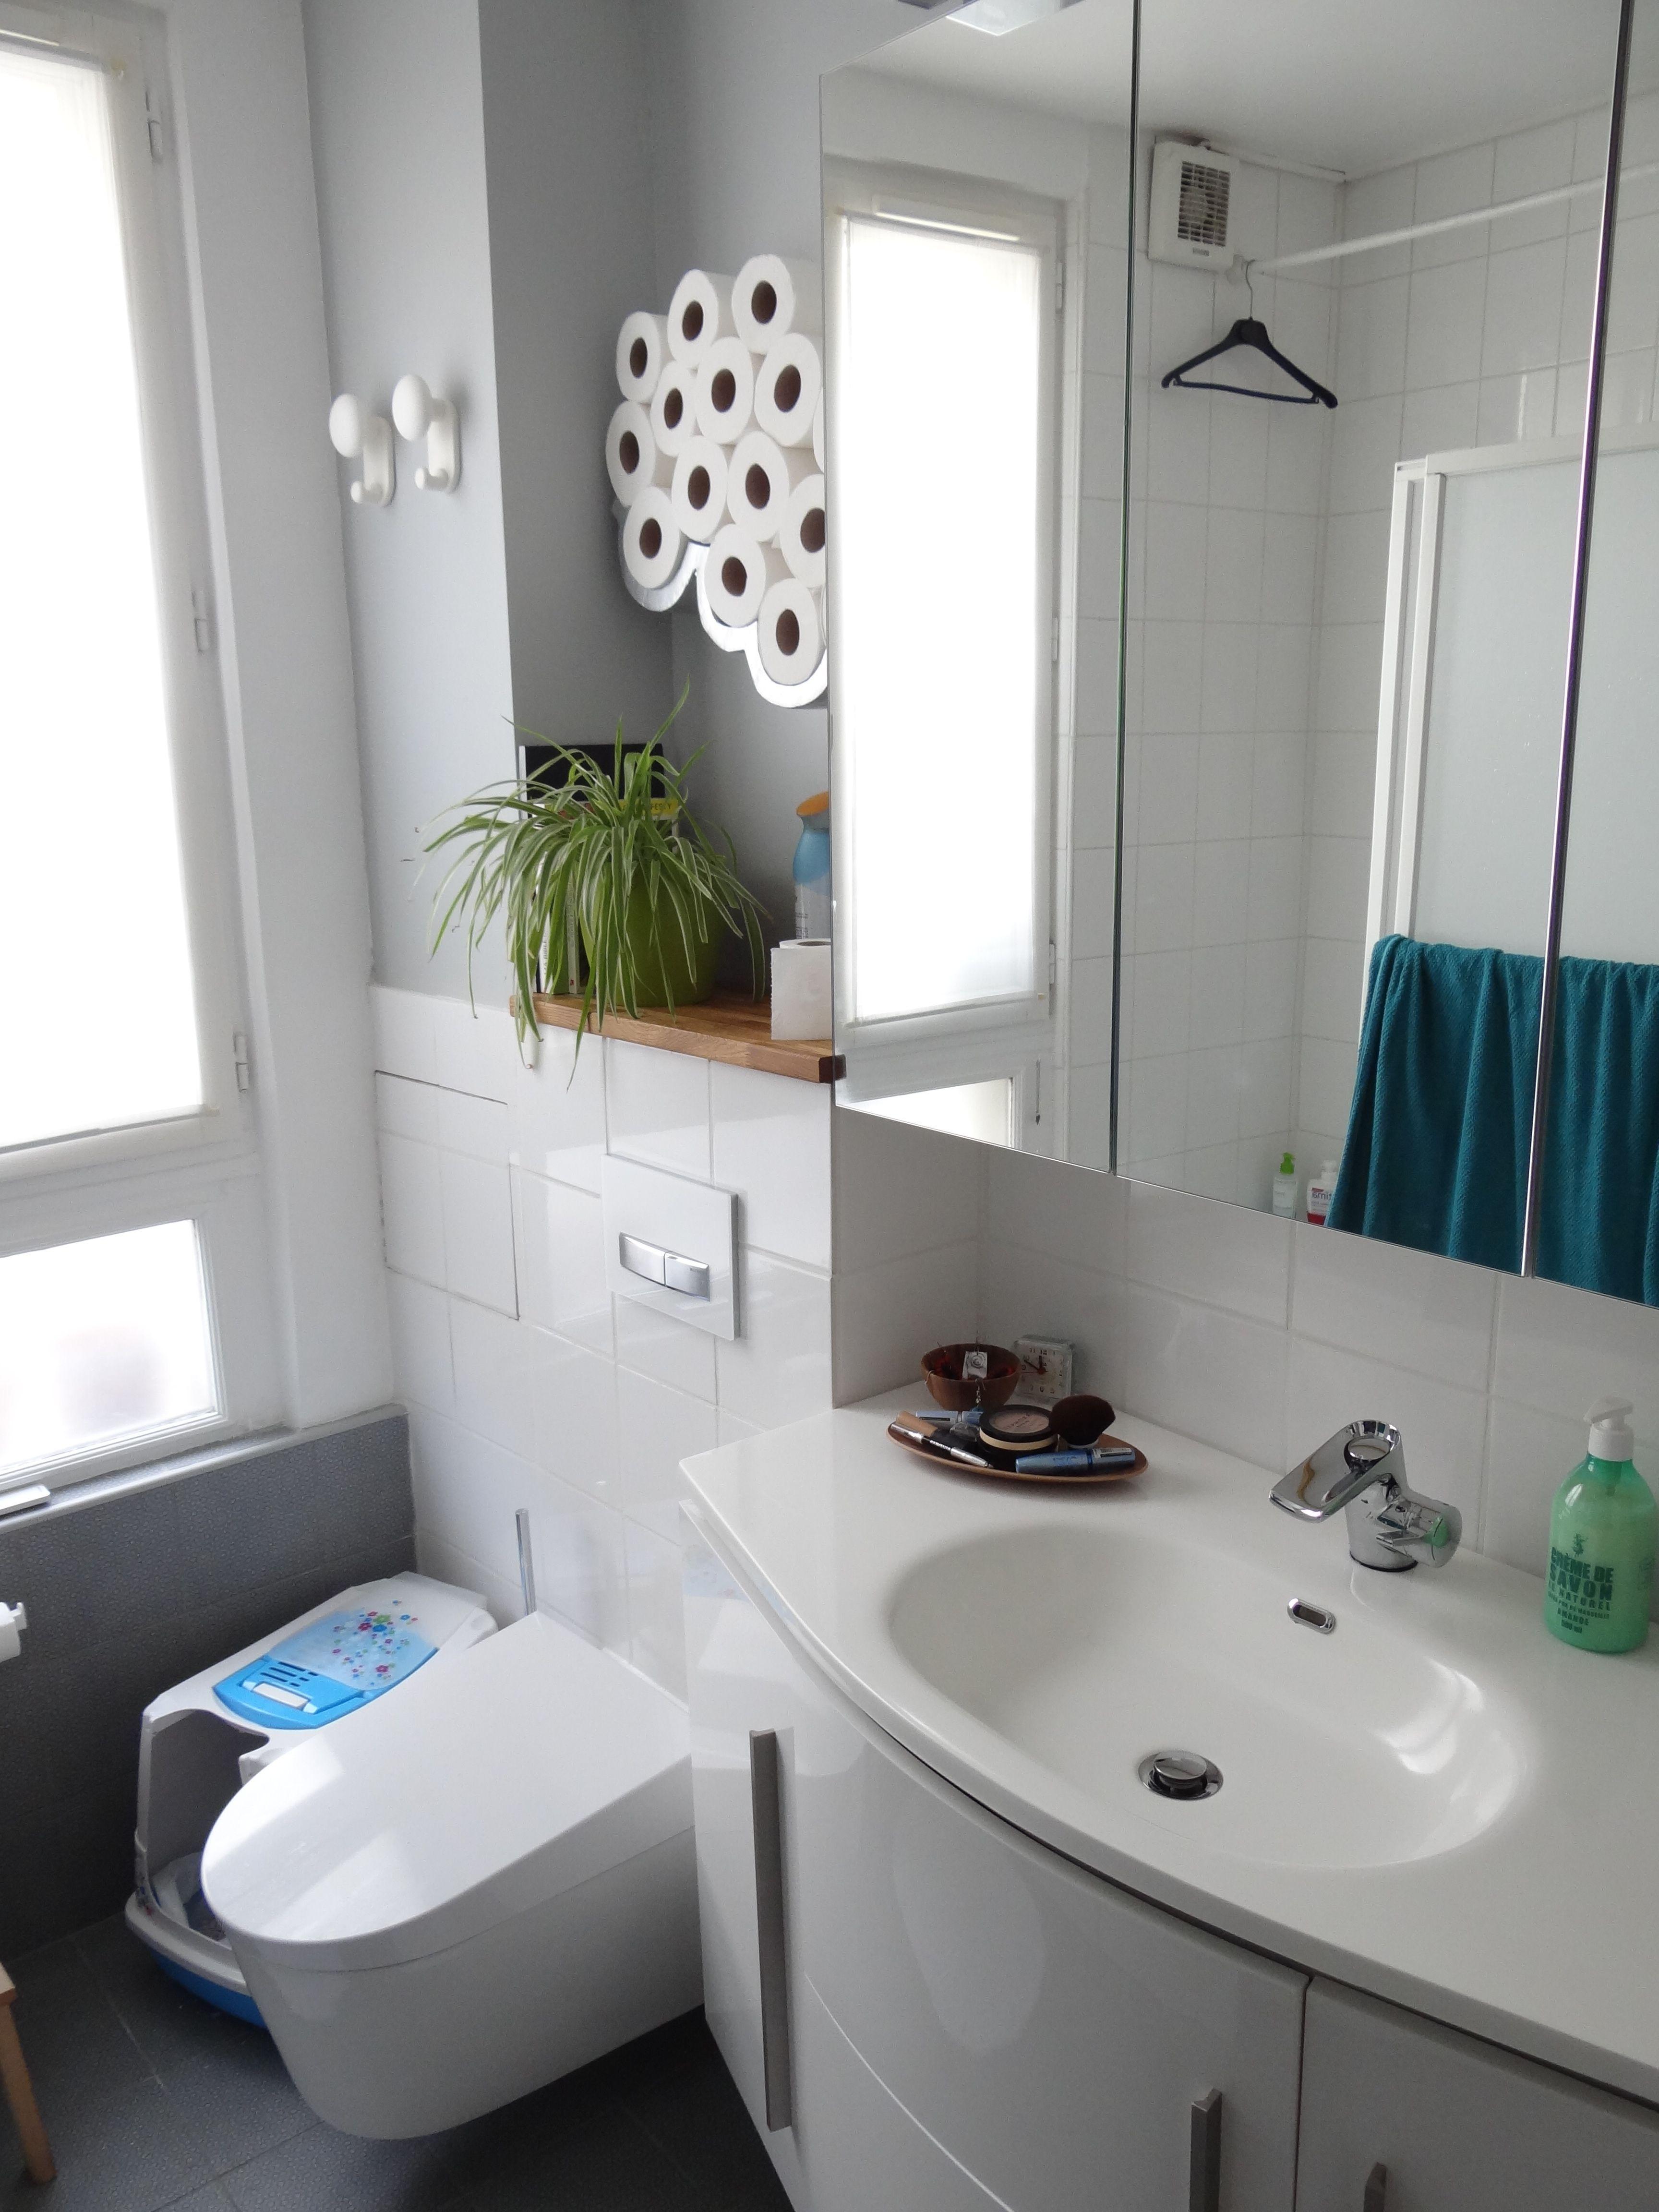 Meuble vasque SANIJURA modèle Soon en 110 cm Toilette GEBERIT ...